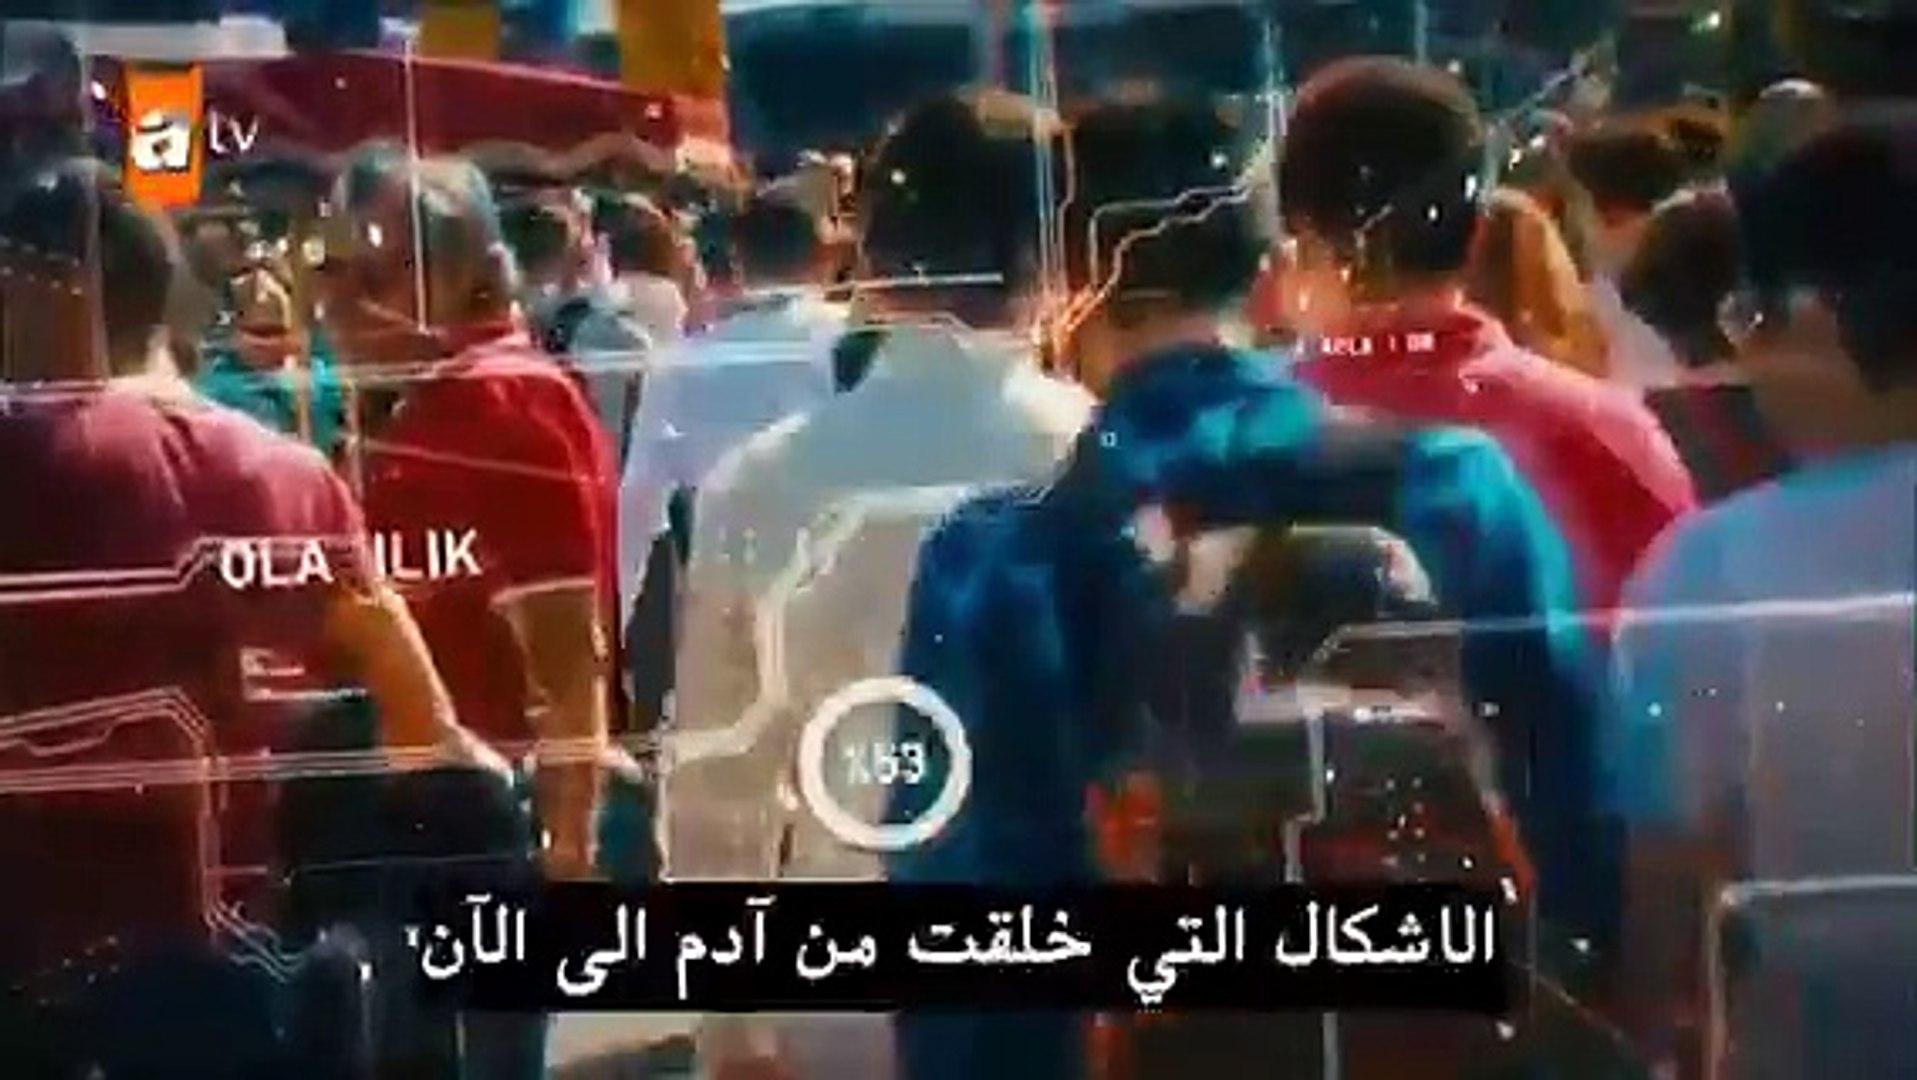 مسلسل السعيد لا يموت الحلقة 1 القسم 1 مترجم للعربية